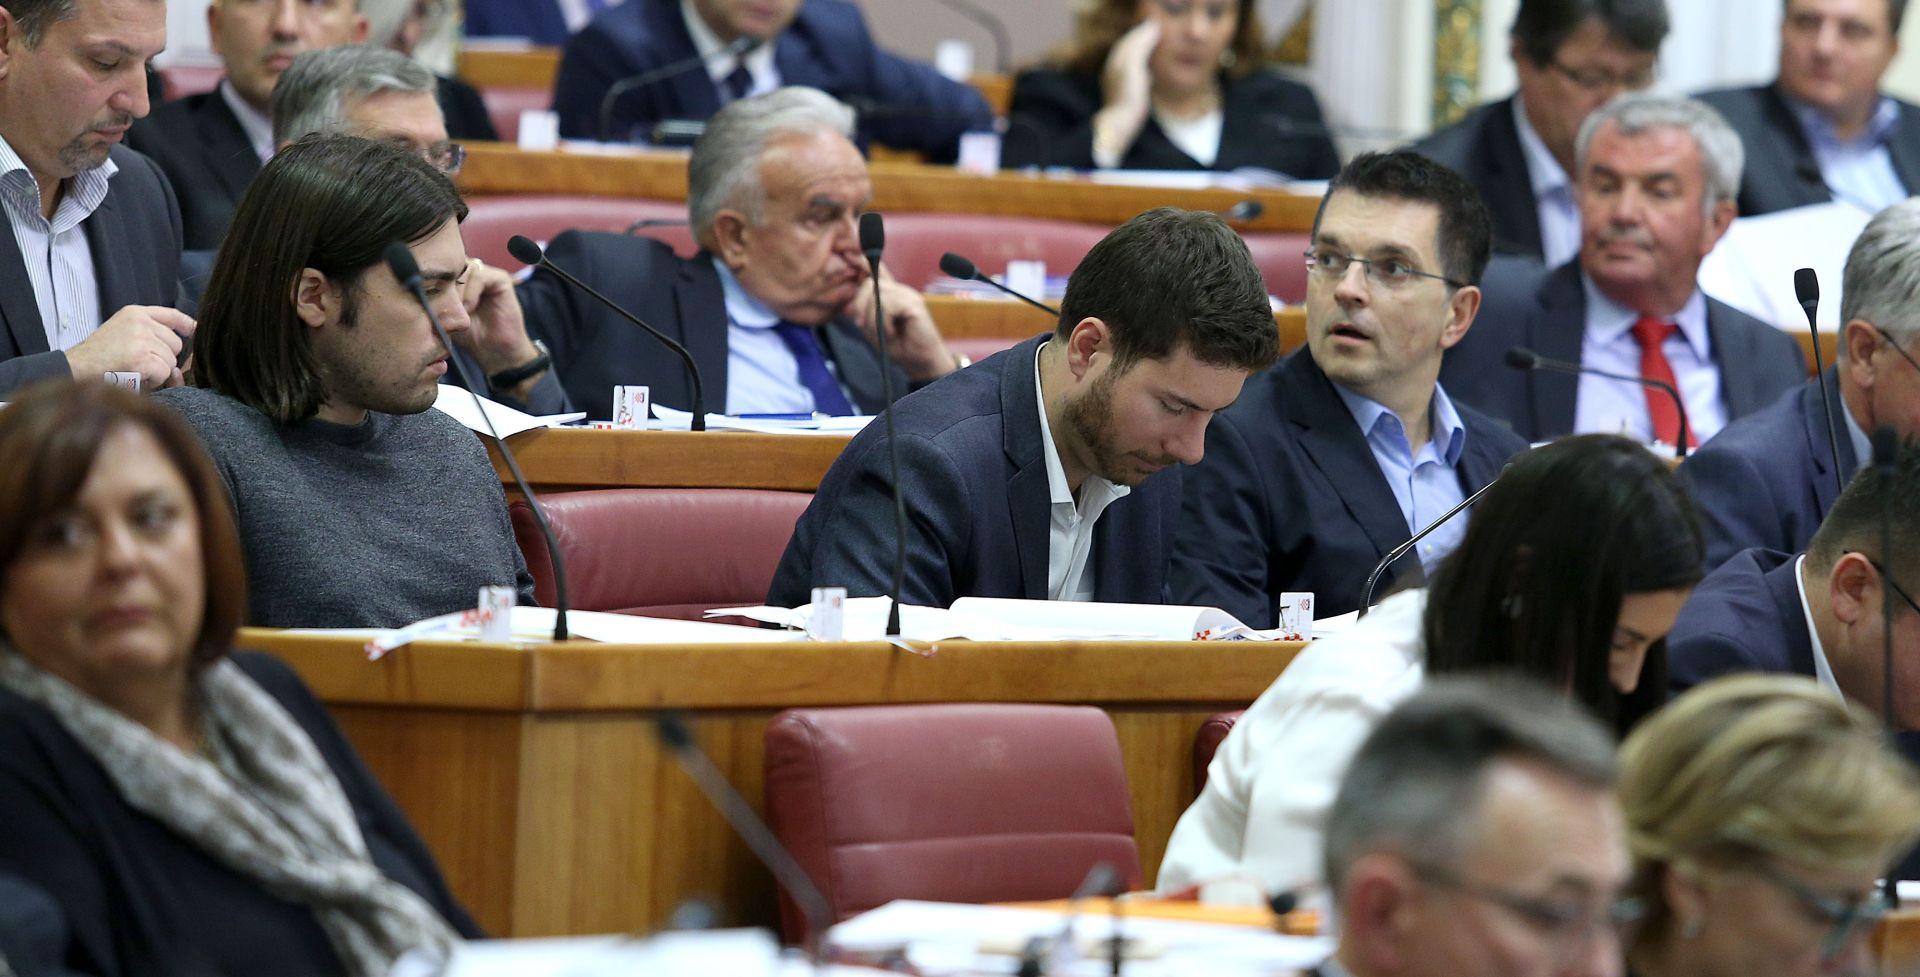 Mostov prijedlog o kažnjavanju zastupnika naišao na žestoku kritiku oporbe